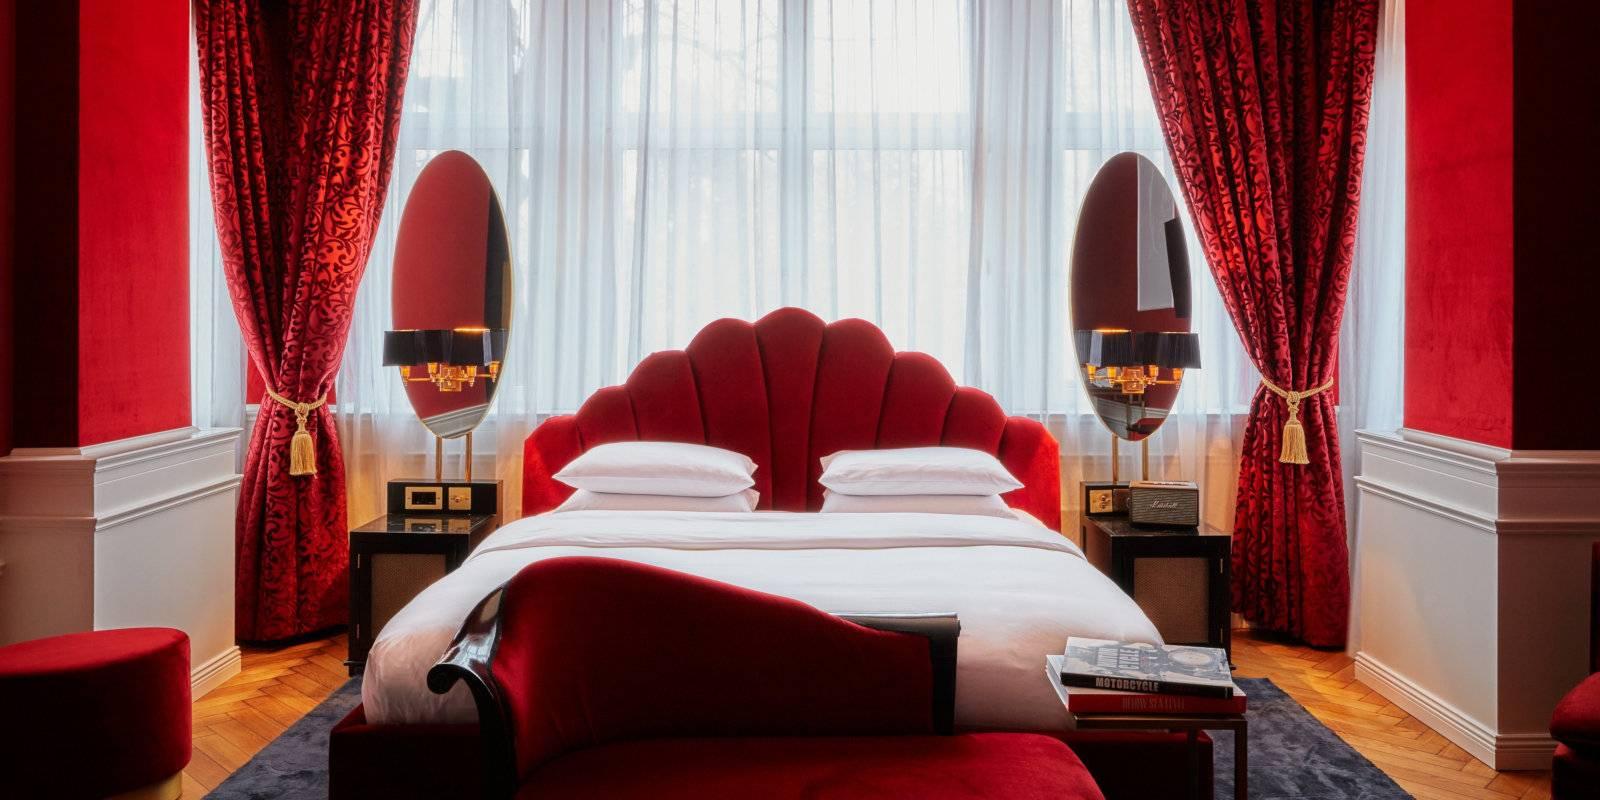 Le Provocateur Berlin est un hôtel très sexy qui propose également un ensemble de couples sexy et de nombreux détails érotiques.